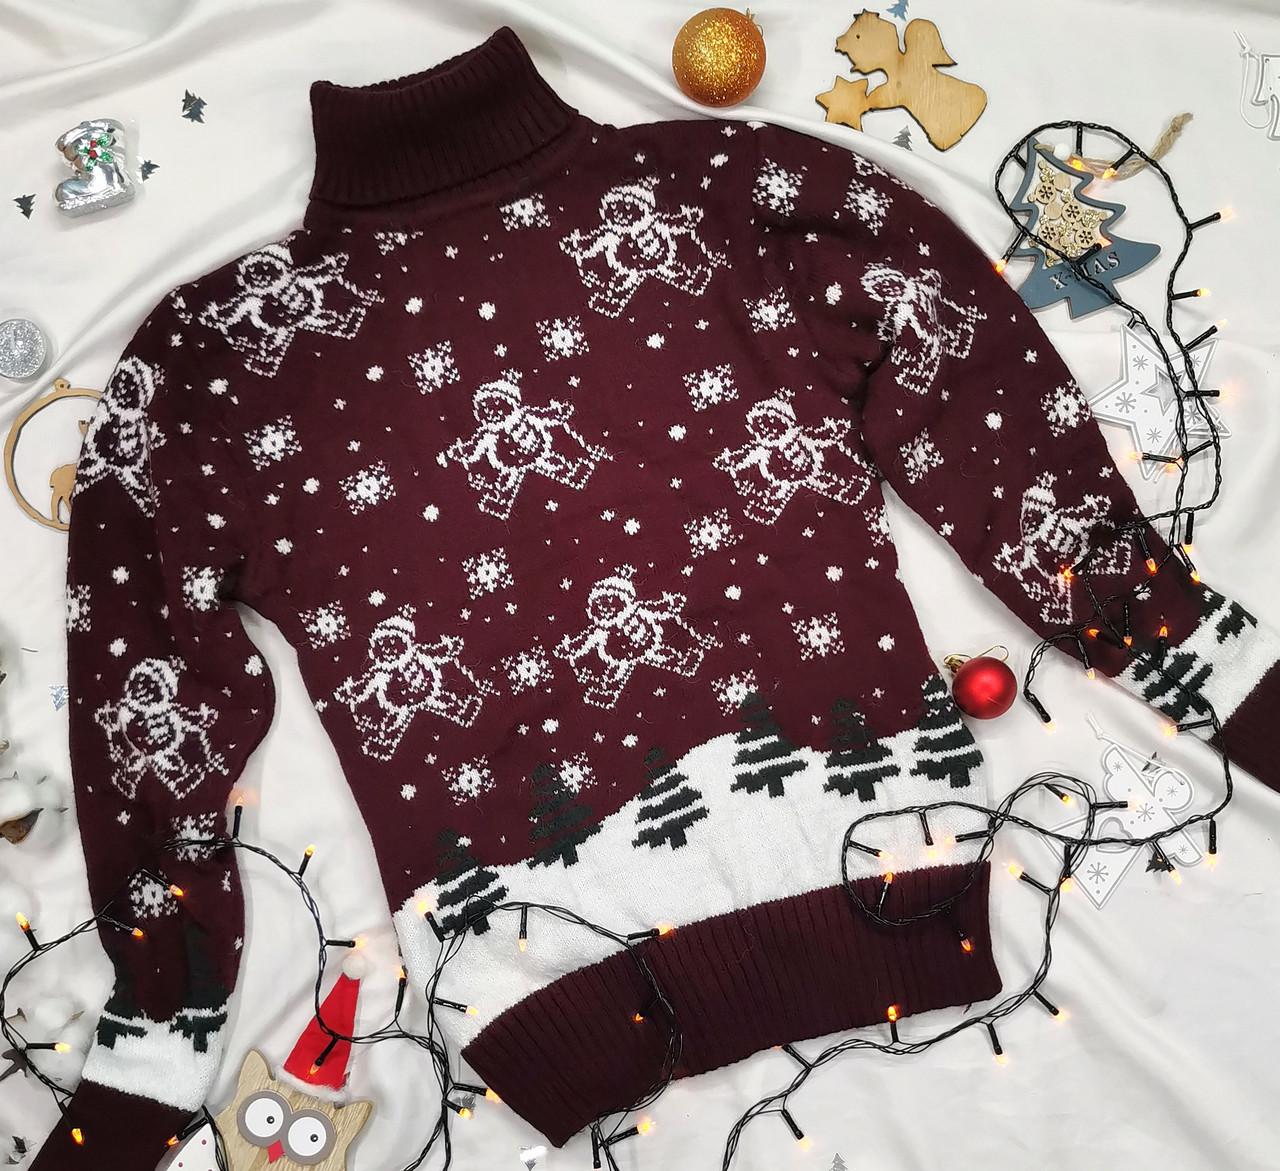 Теплый вязаный женский новогодний свитер бордовый